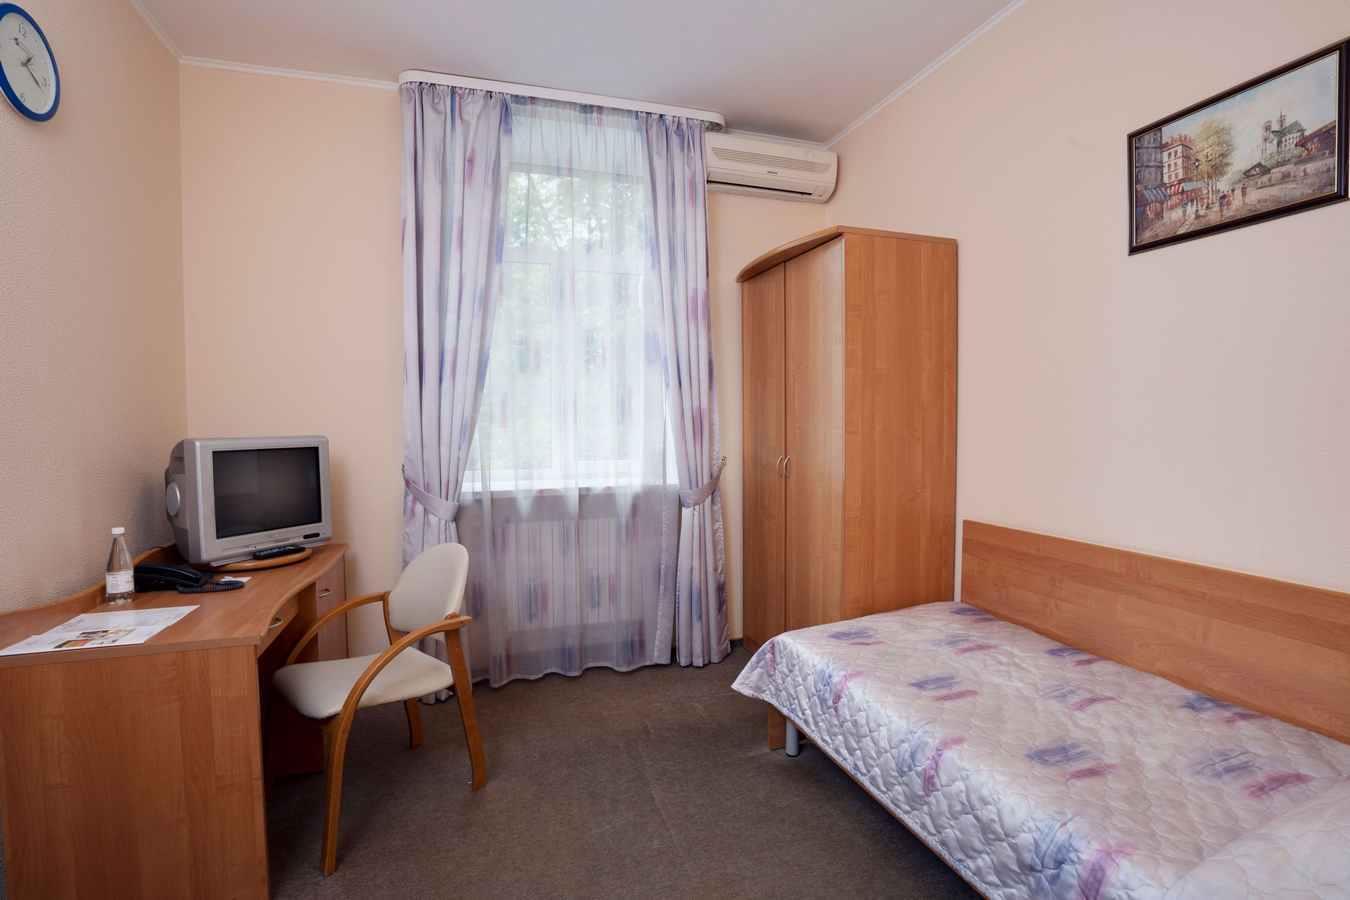 Заря гостиница москва фото фонтан собран